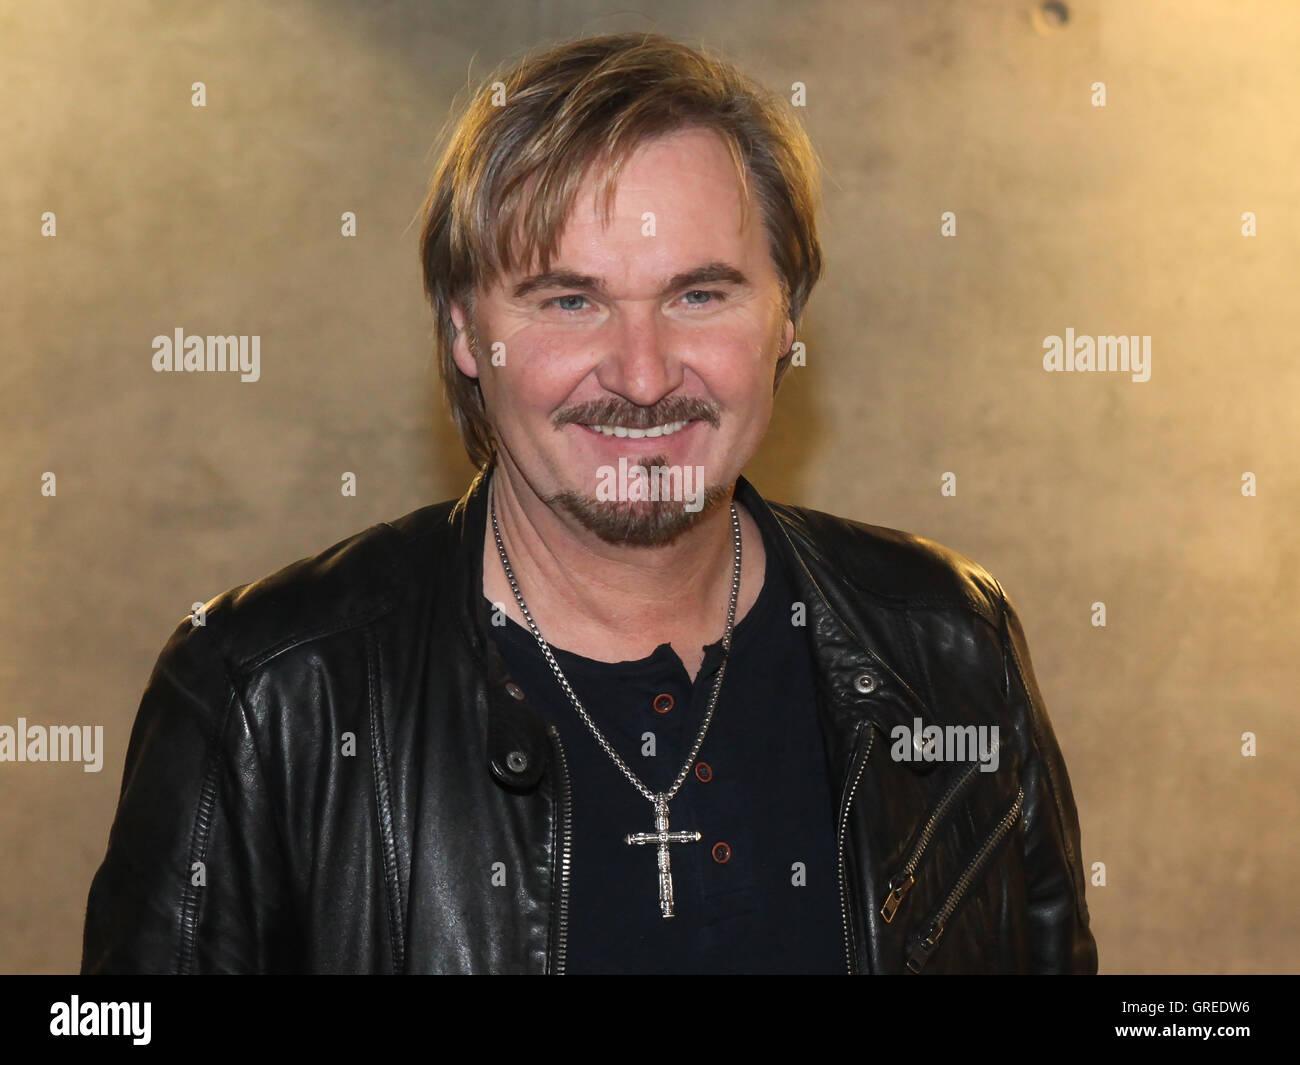 Singer Nik P. - Stock Image